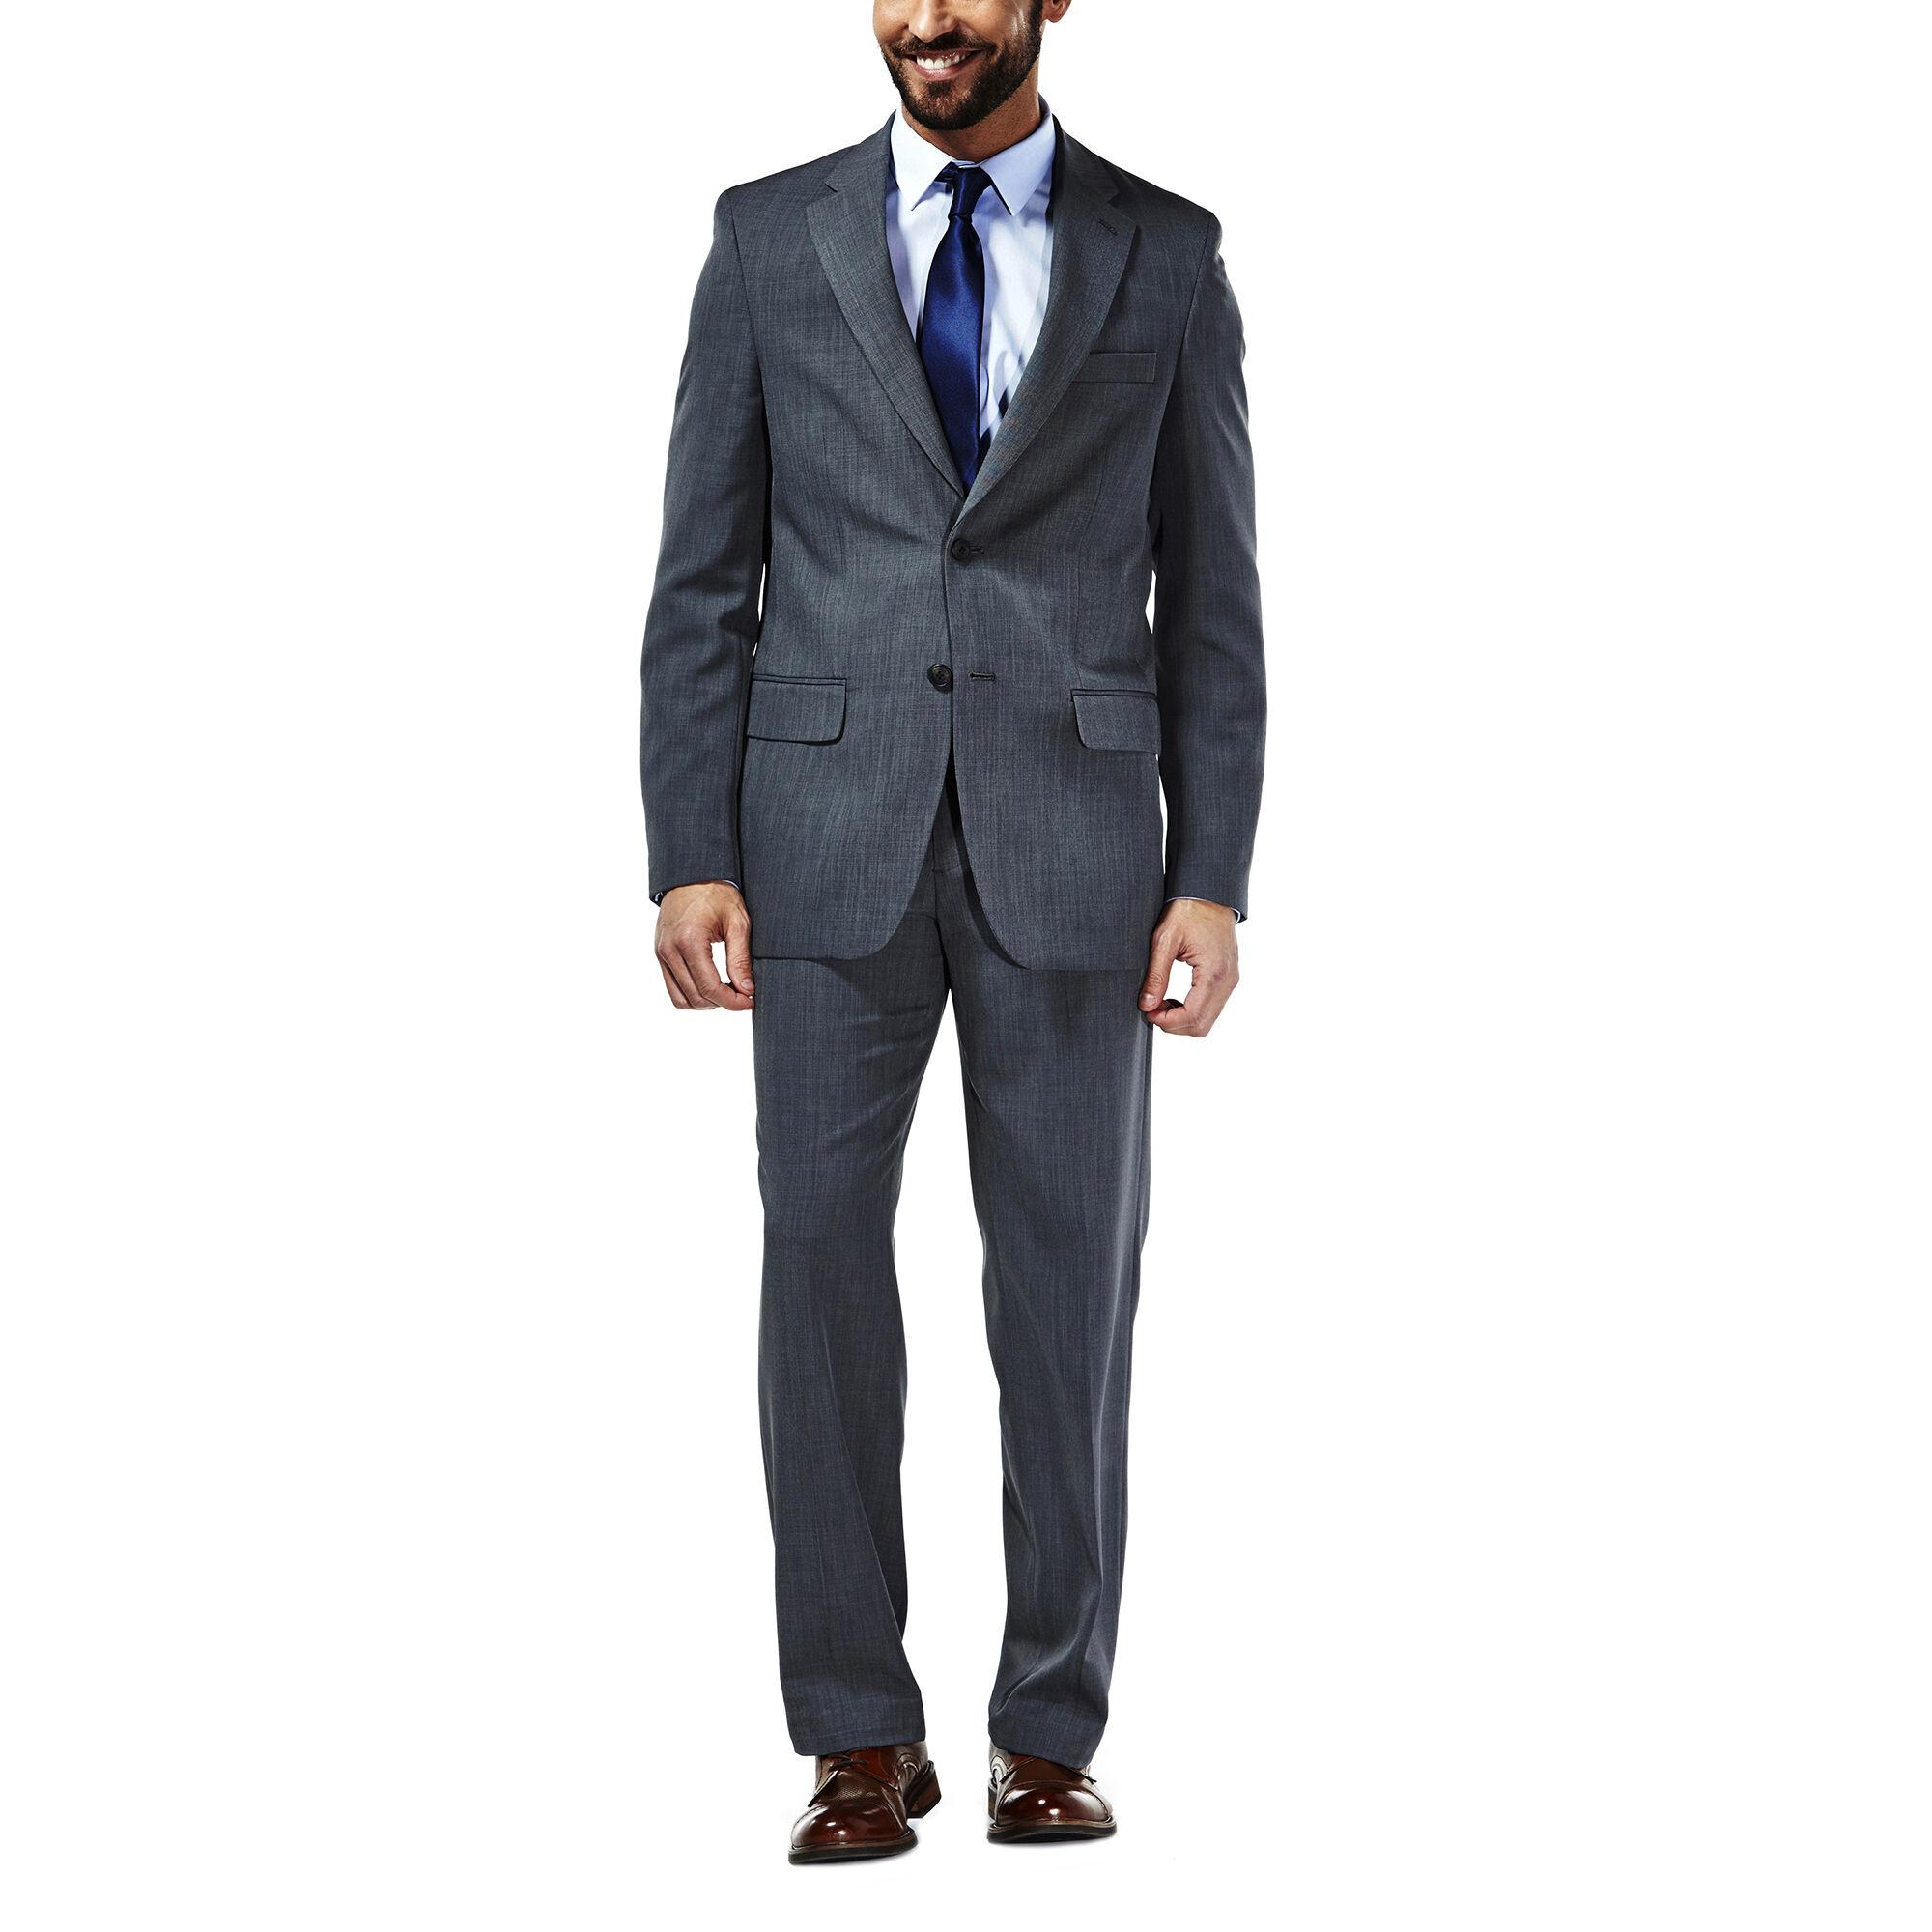 9782f21985 Travel Performance Suit Separates - Stria Gab